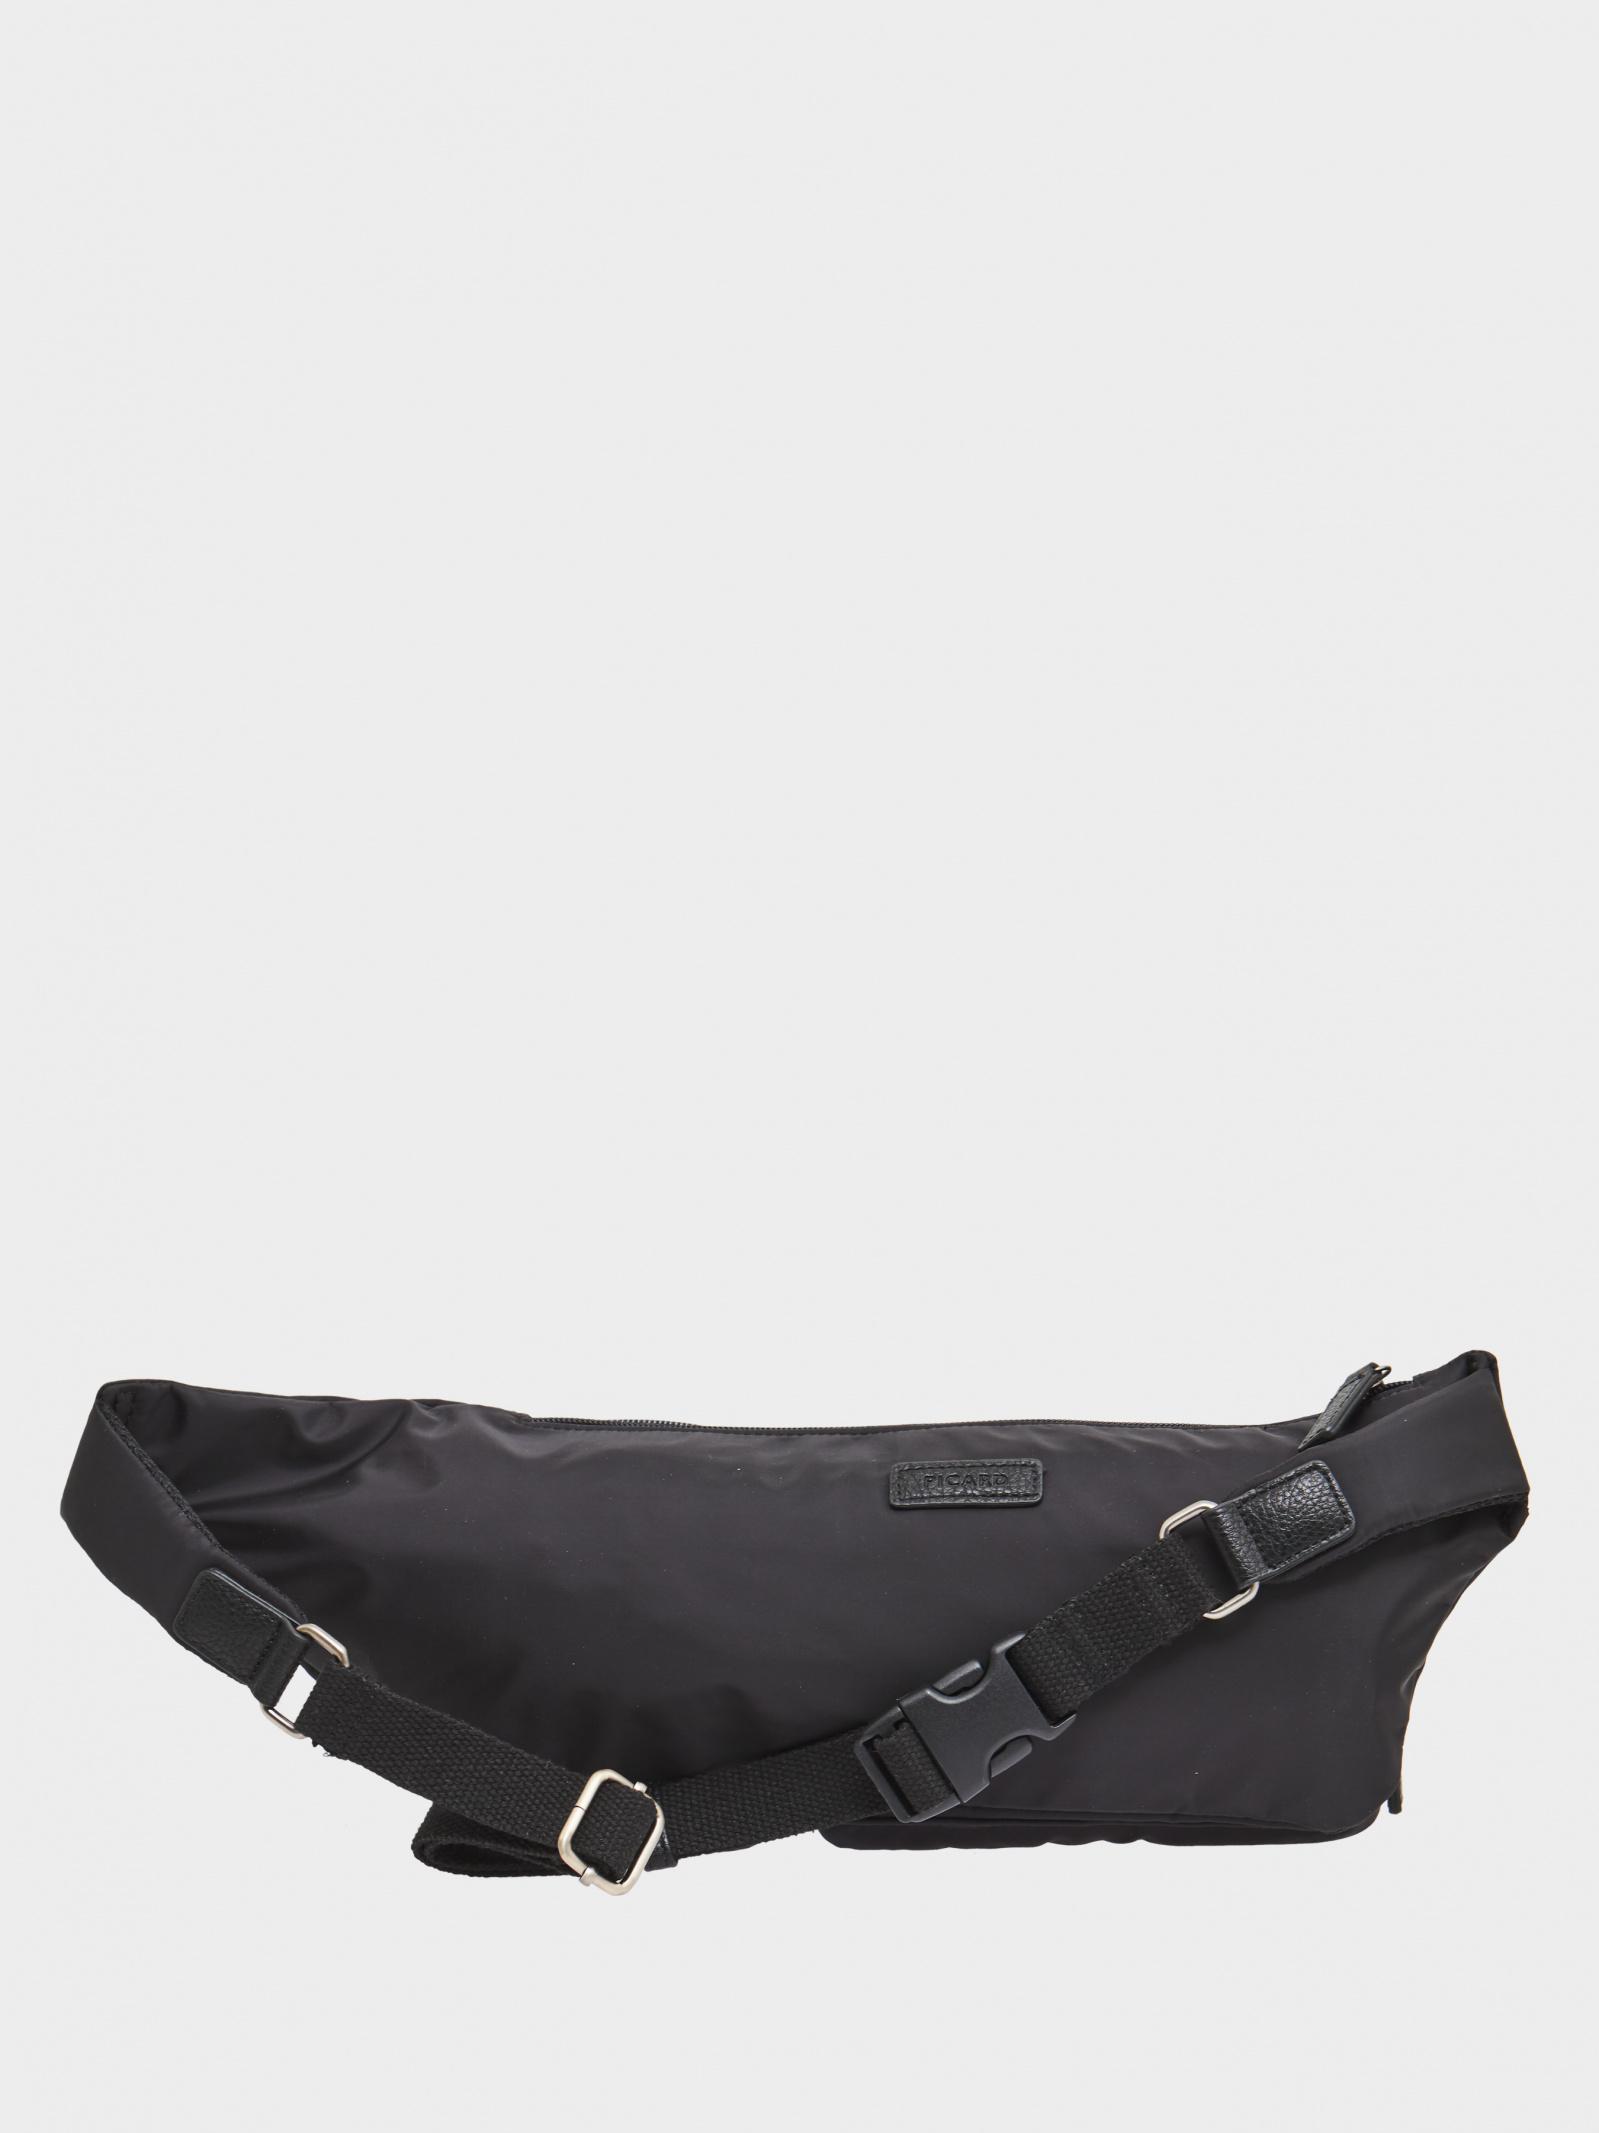 Сумка  Picard модель 2668-001 schwarz купить, 2017